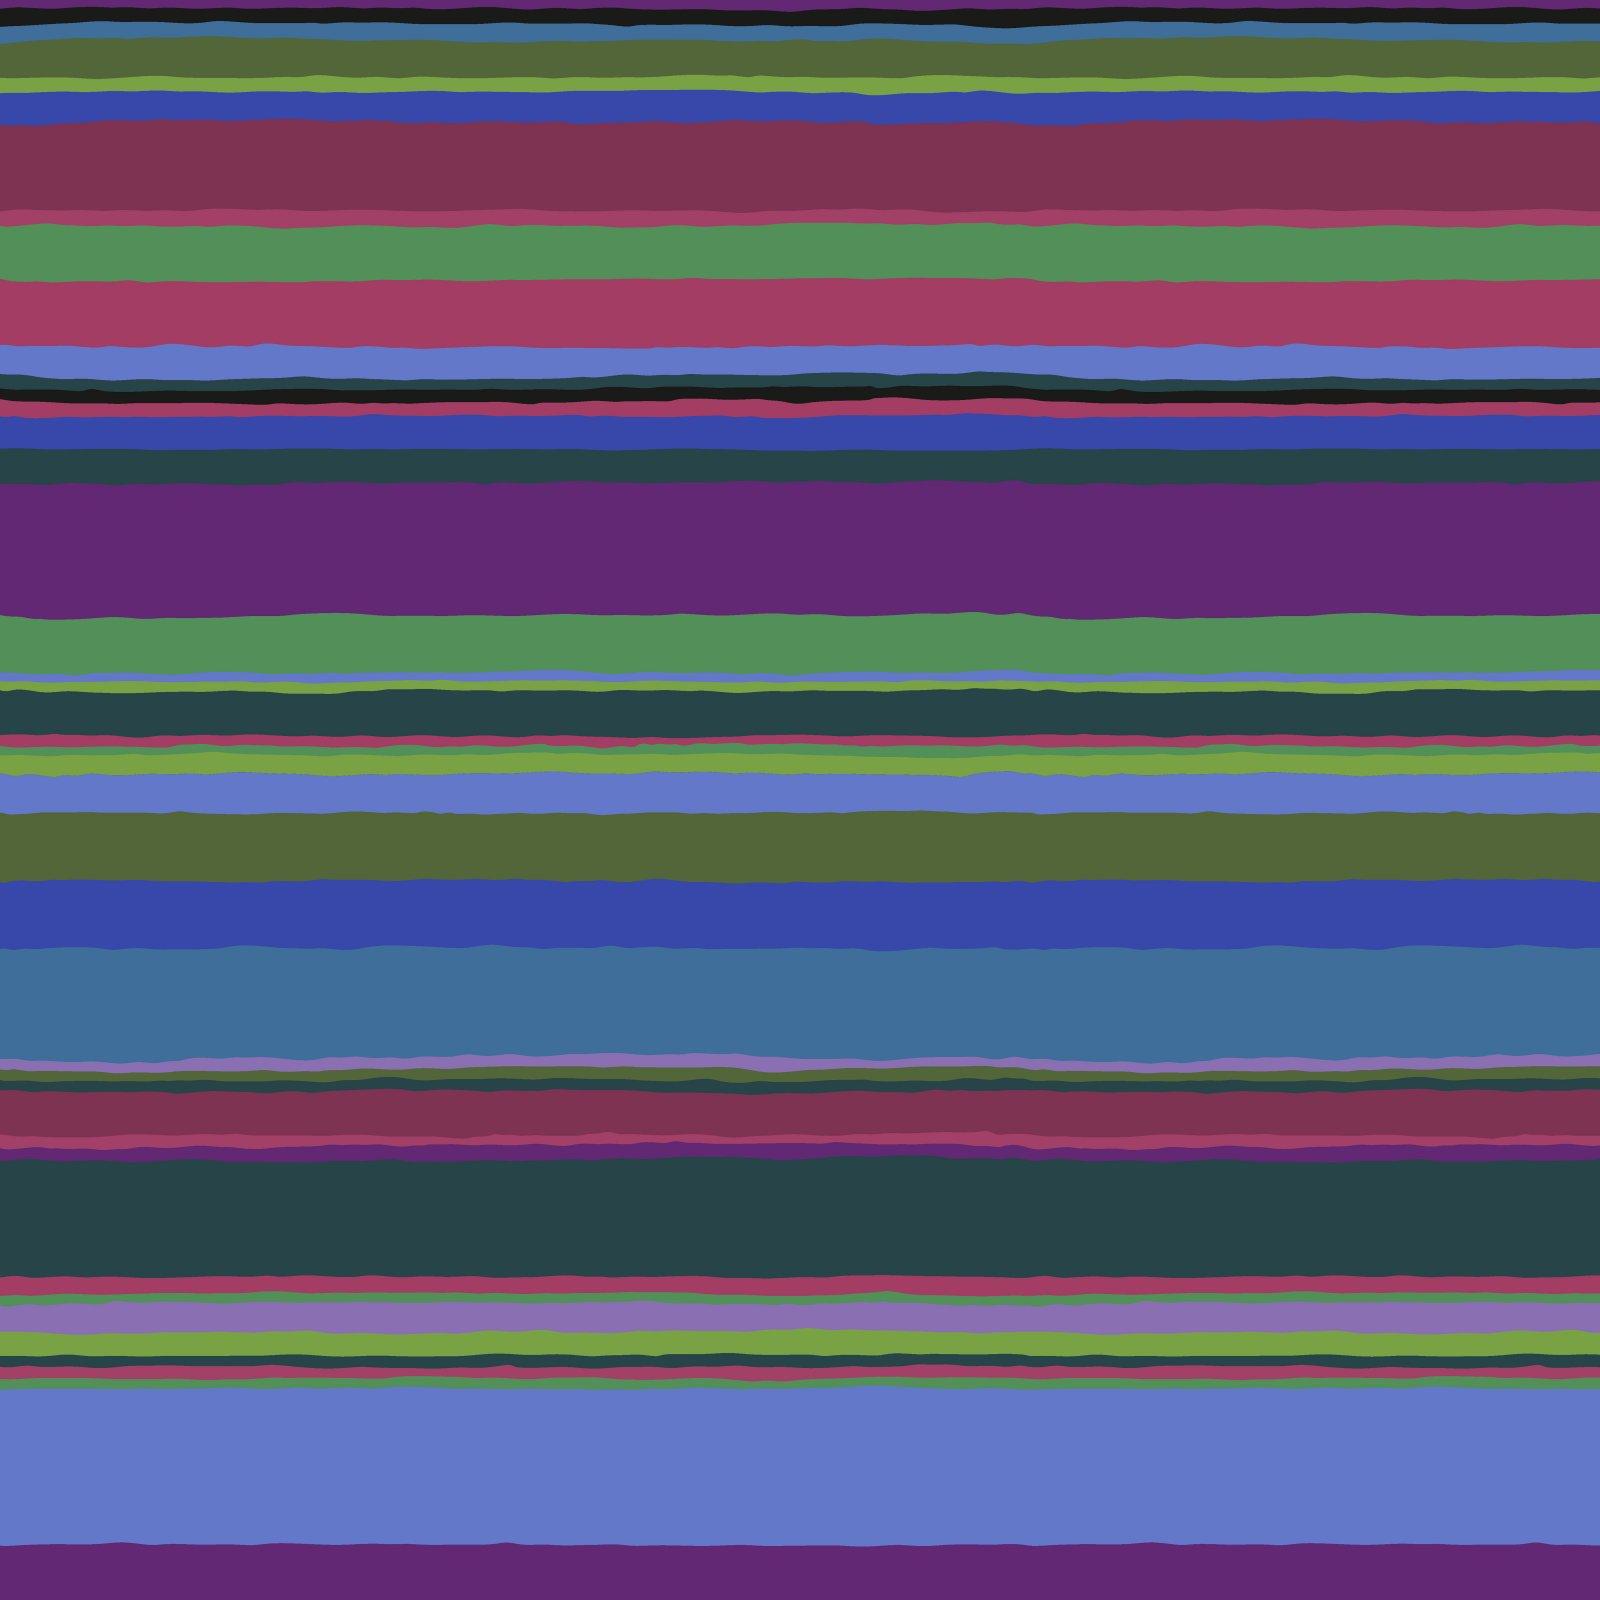 PWGP178.COLD Promenade Stripe - Cold